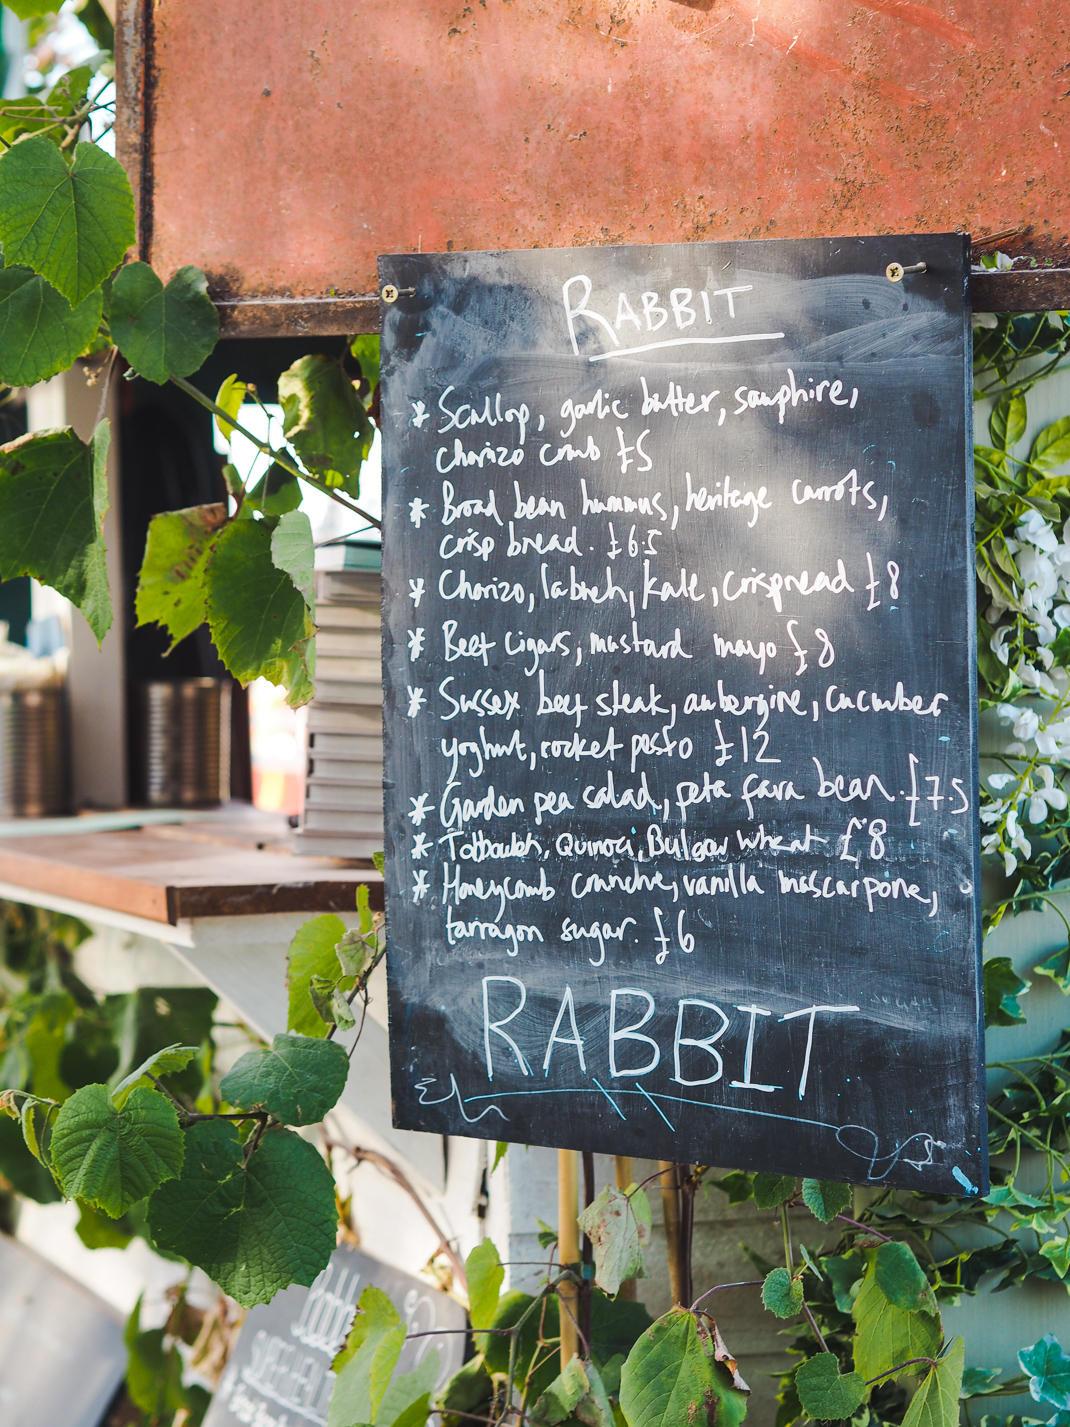 rabbit pop up london menu